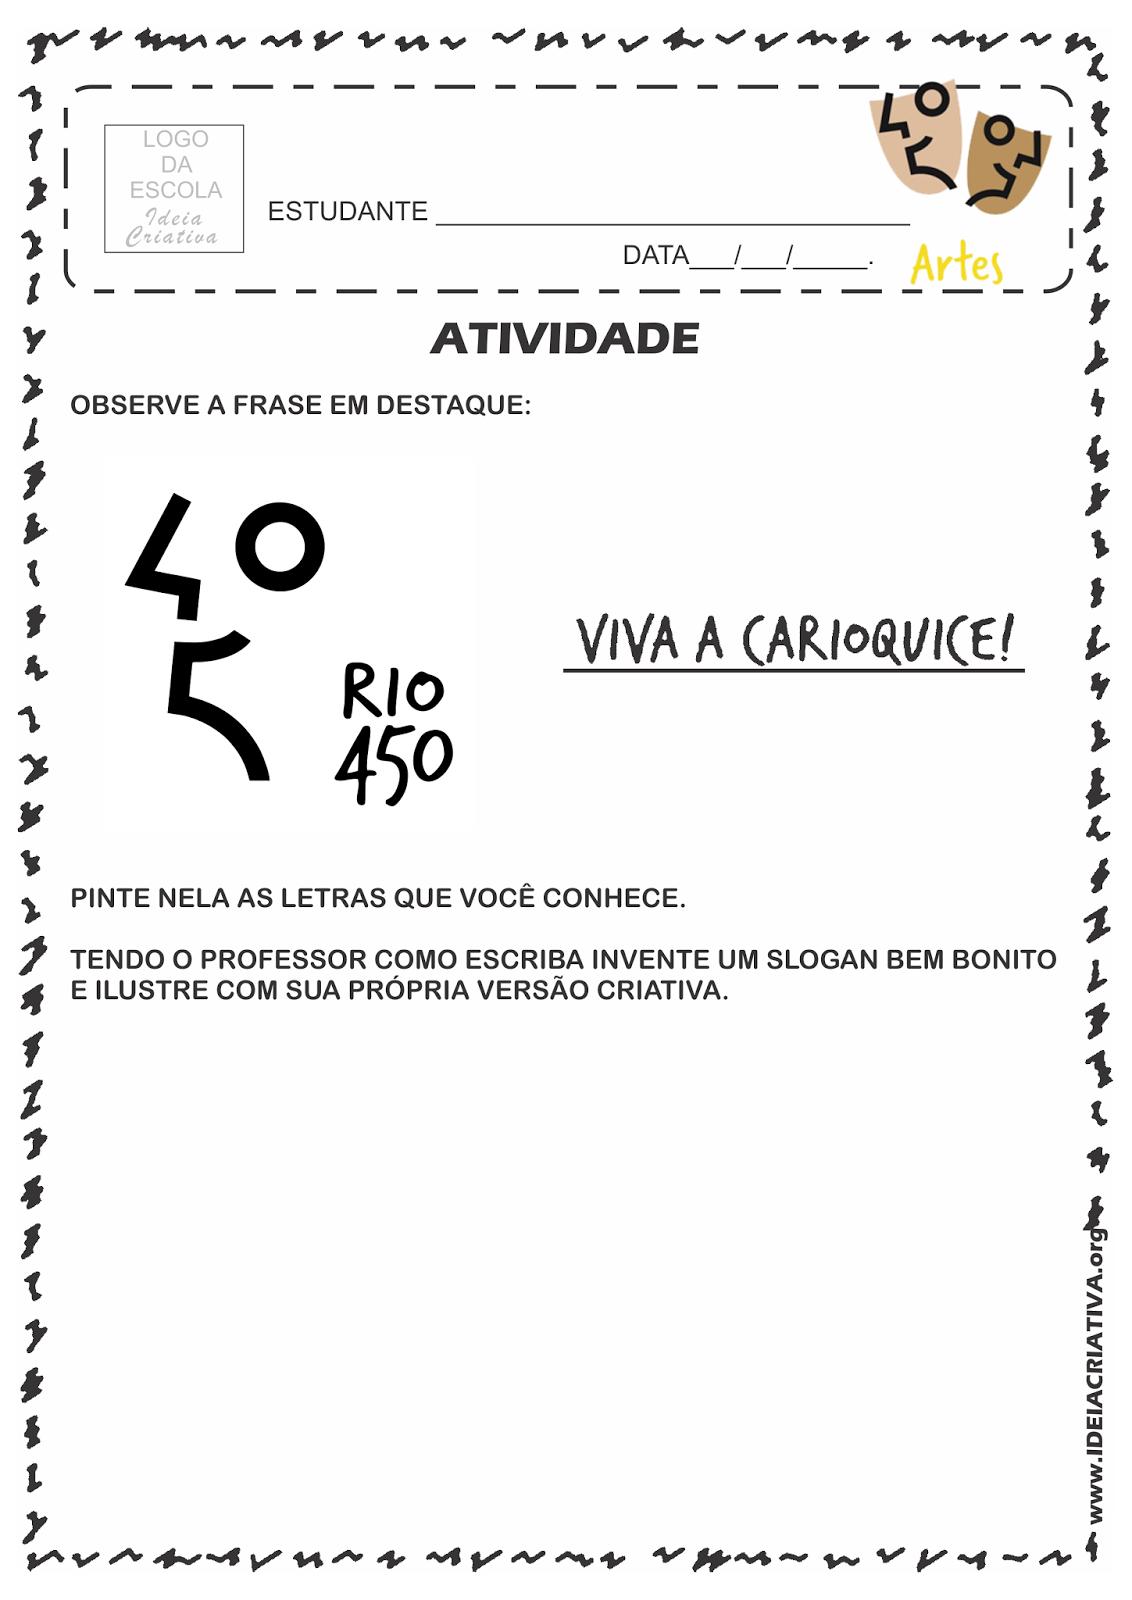 Atividade Rio 450 Anos Criando Slogan e Conceito Criativo  com o símbolo da Logomarca Rio 450 Anos